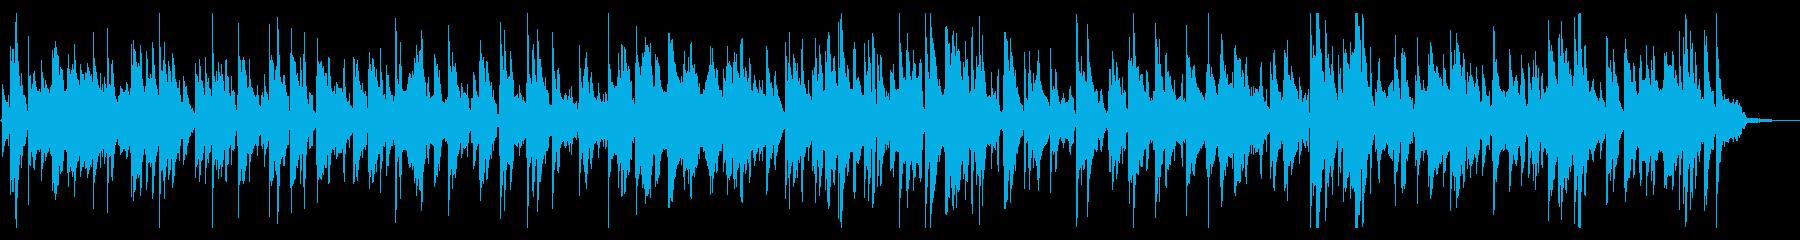 ラウンジで流れるアダルトなサックスジャズの再生済みの波形